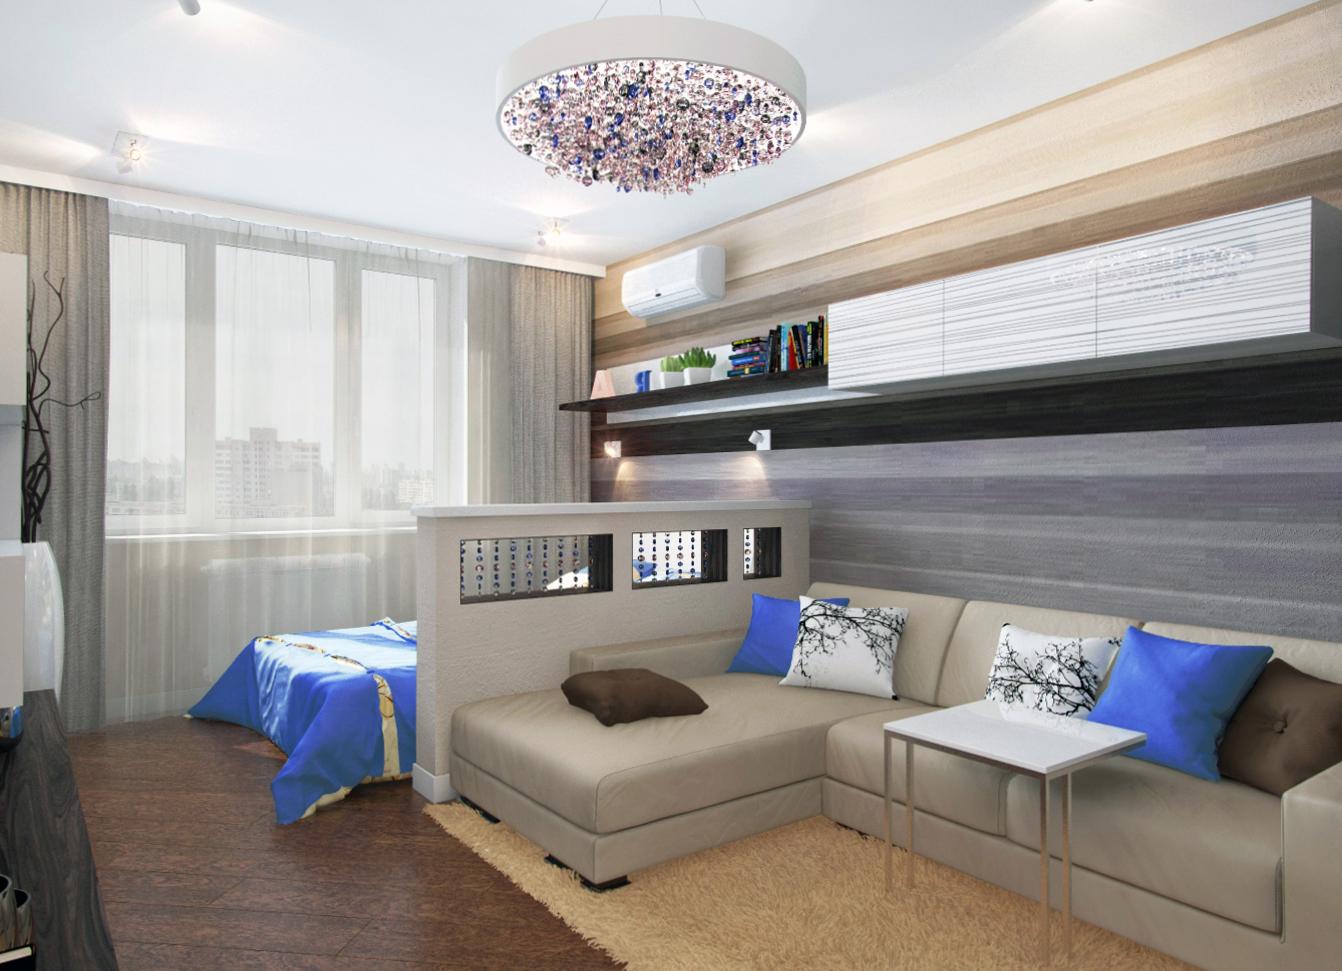 Гостинная спальня как совместить